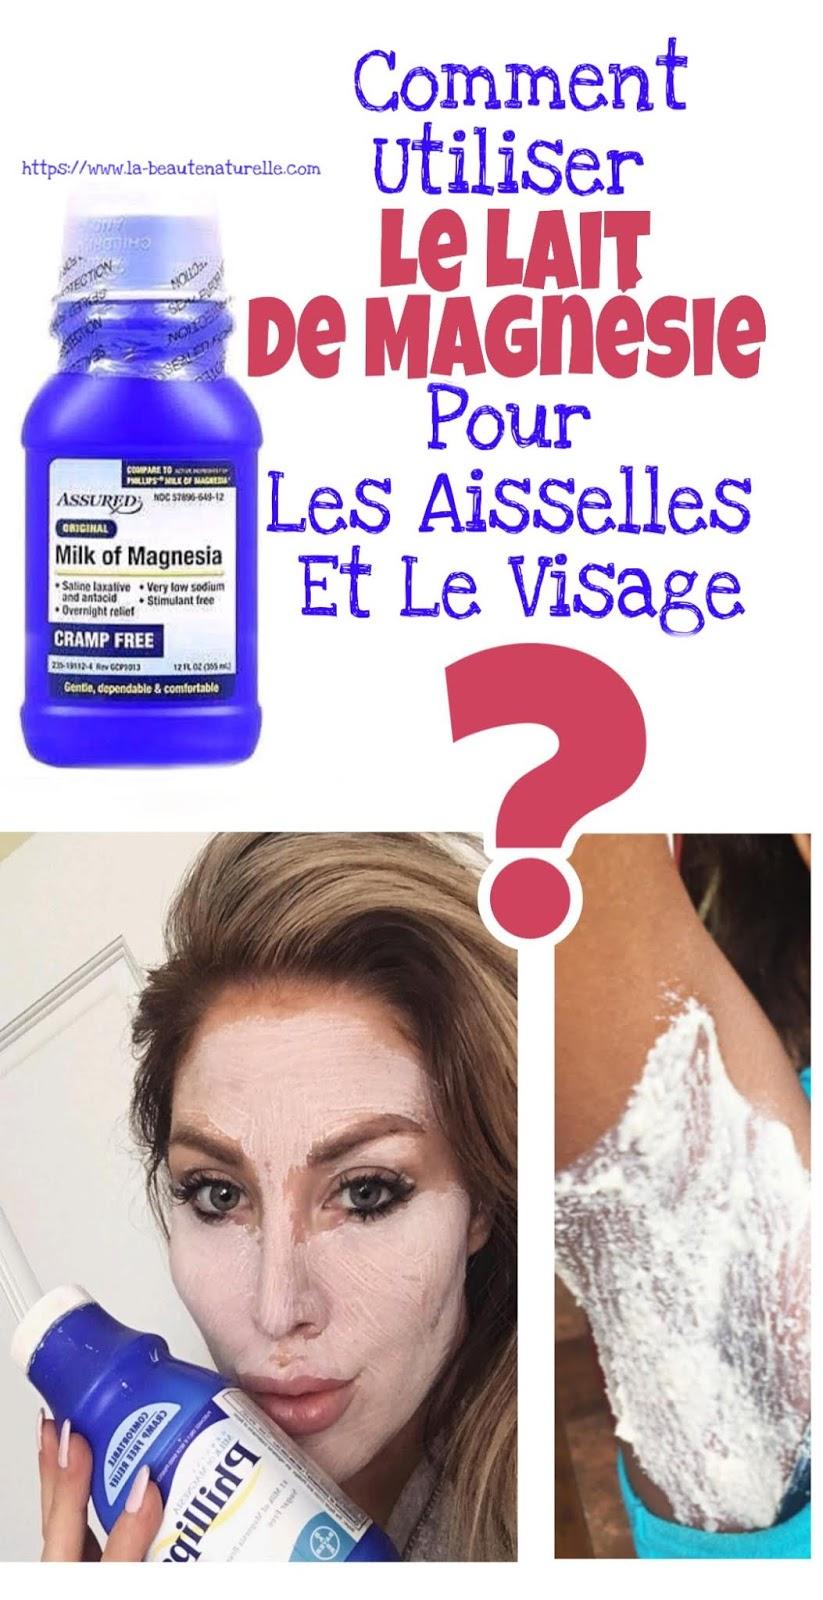 Comment Utiliser Le Lait De Magnésie Pour Les Aisselles Et Le Visage?